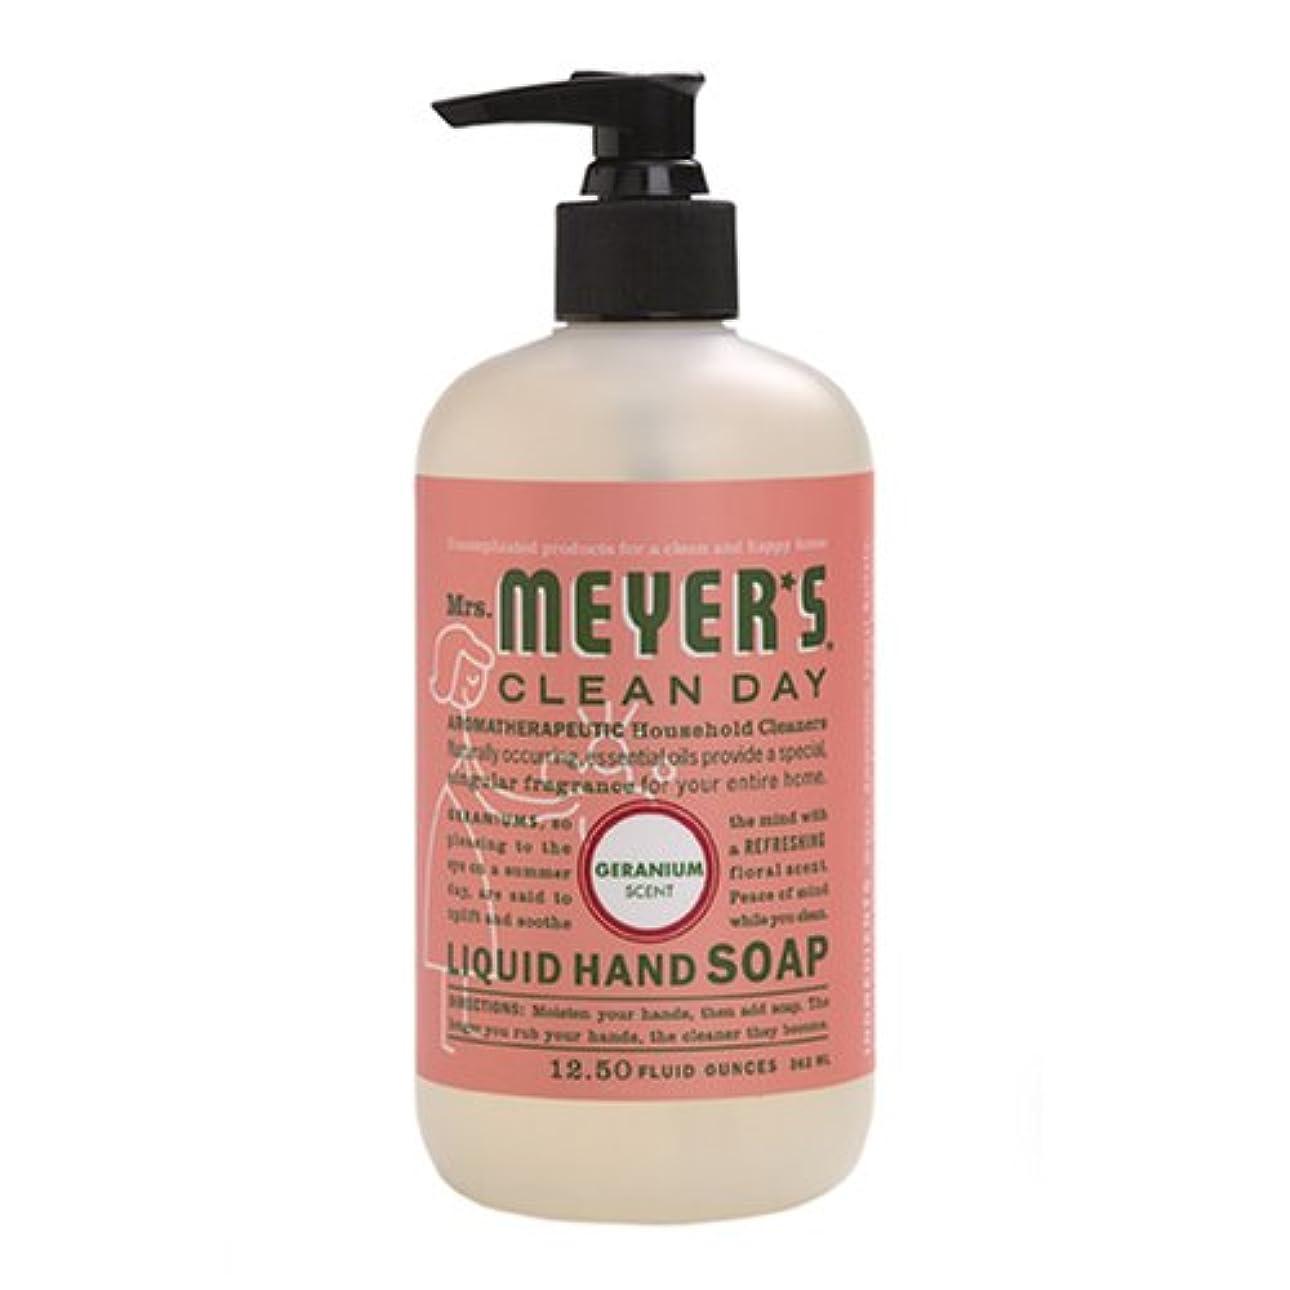 あいまいな囲む誤解Mrs. Meyers Clean Day, Liquid Hand Soap, Geranium Scent, 12.5 fl oz (370 ml)